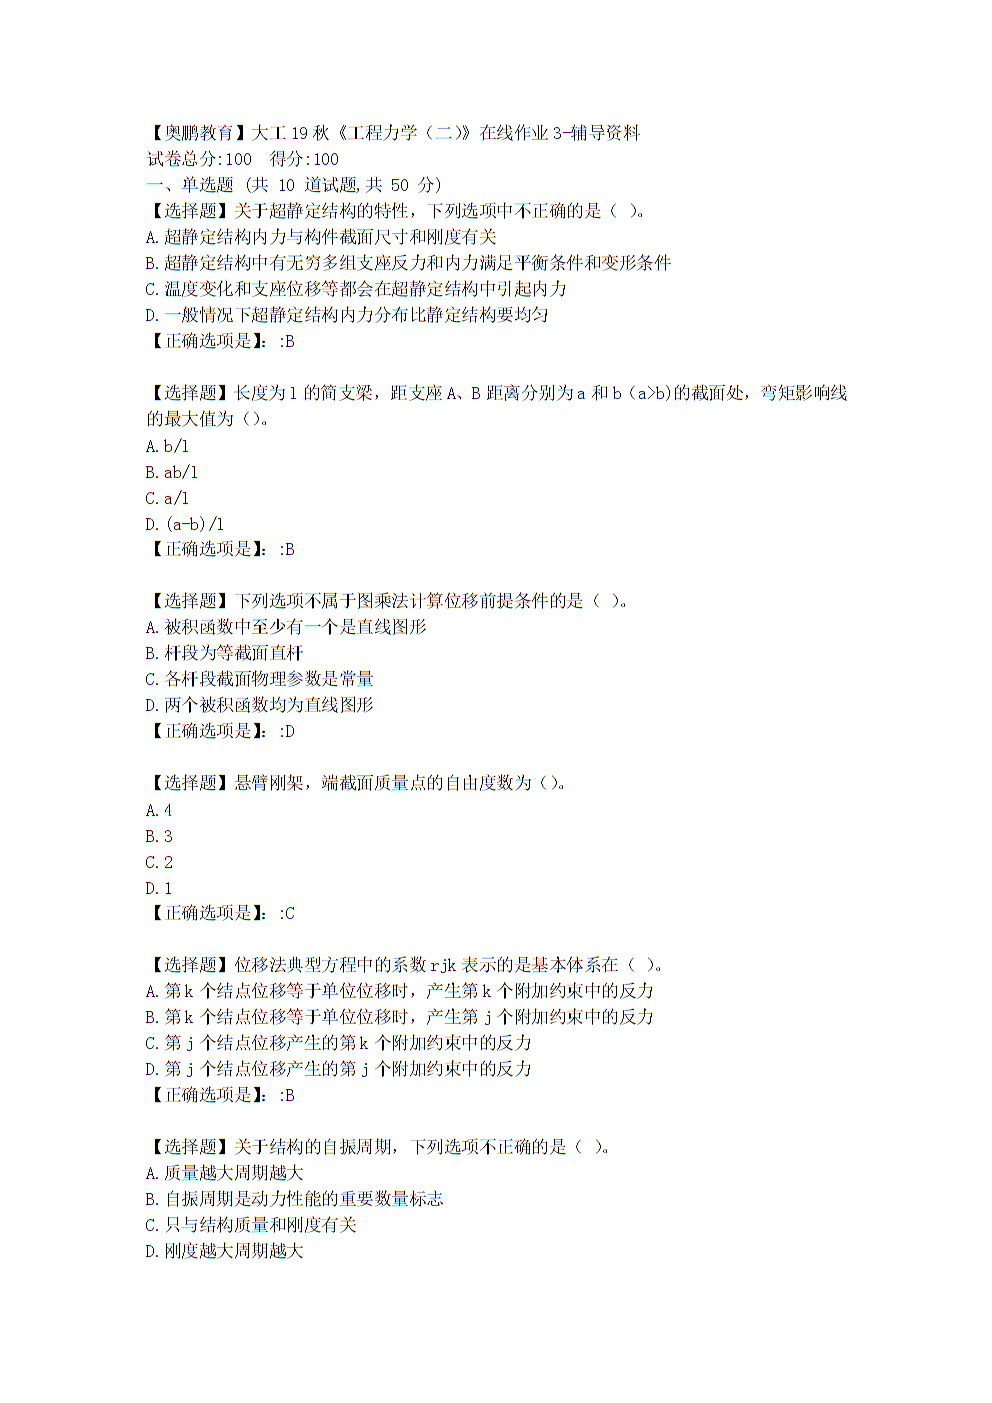 大连理工大学19秋《工程力学(二)》在线作业3学习资料.doc